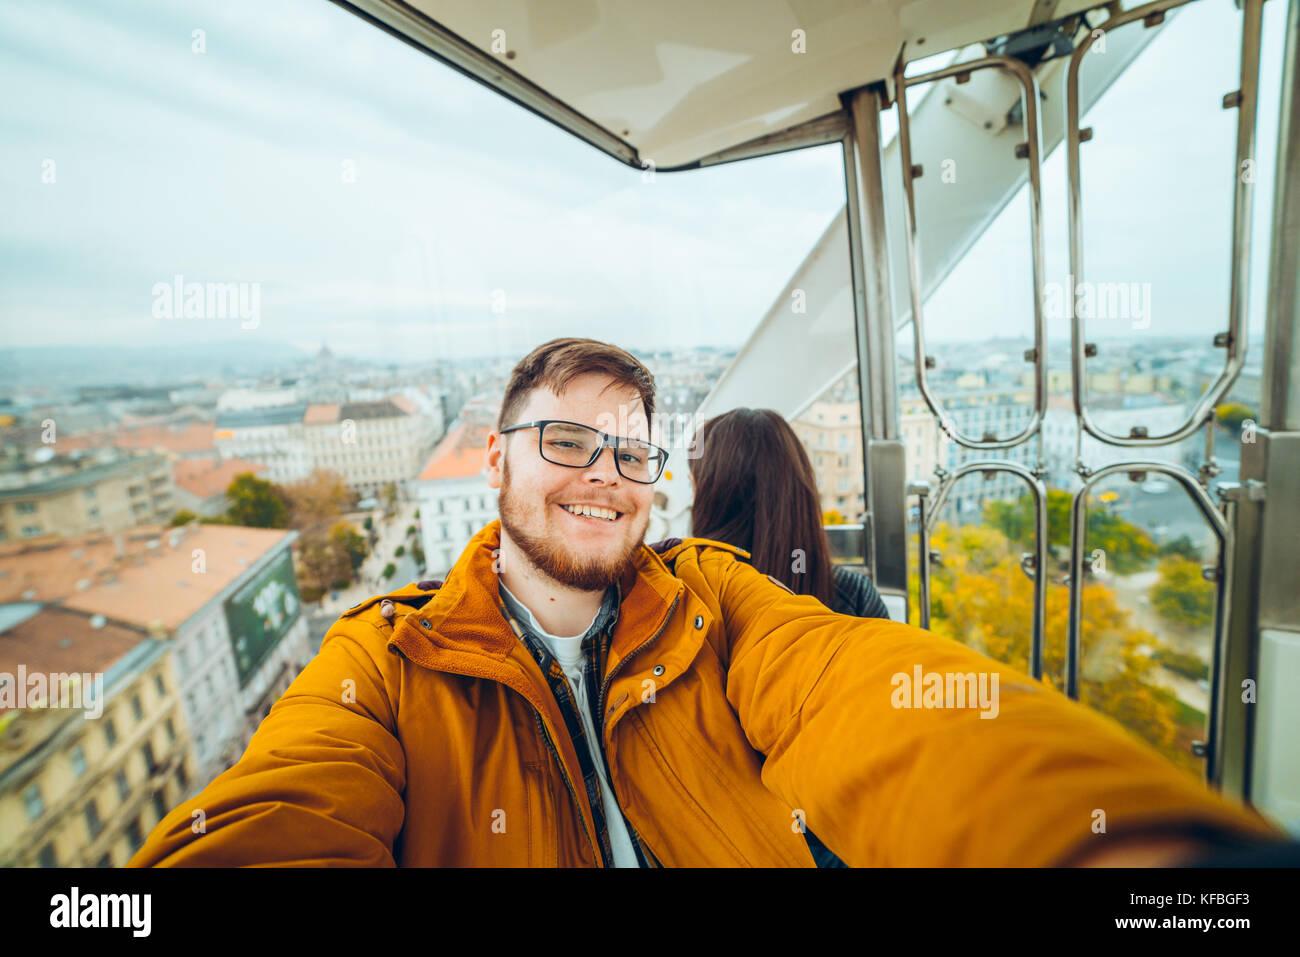 El hombre con la mujer en la noria teniendo un selfie Imagen De Stock